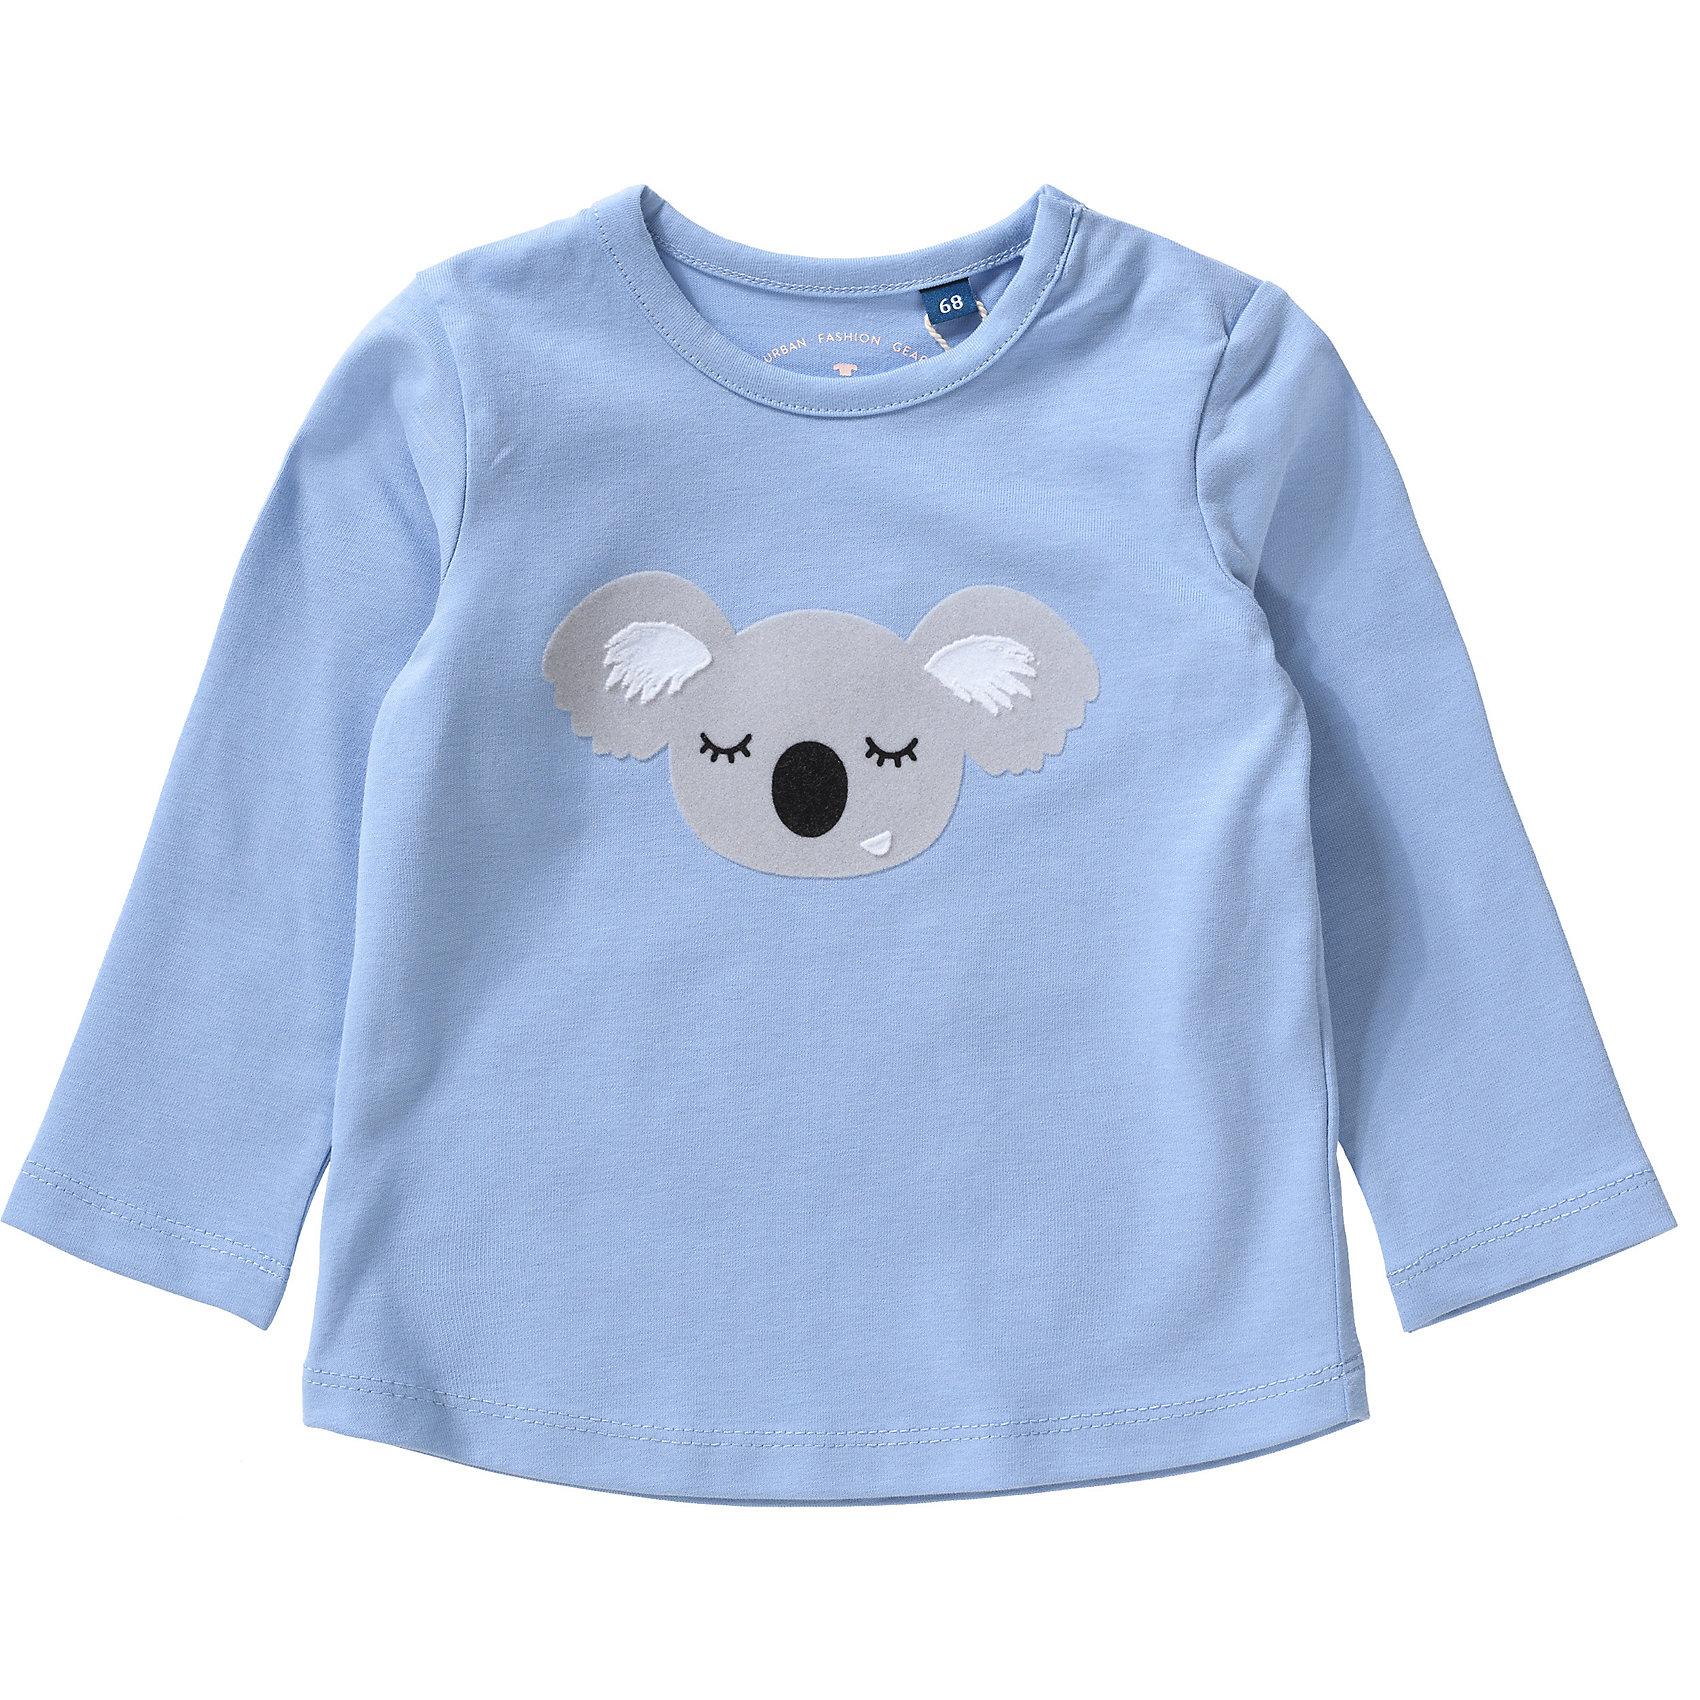 Neu TOM TAILOR Baby Langarmshirt mit Rückenprint für Mädchen 7464538 für Mädchen